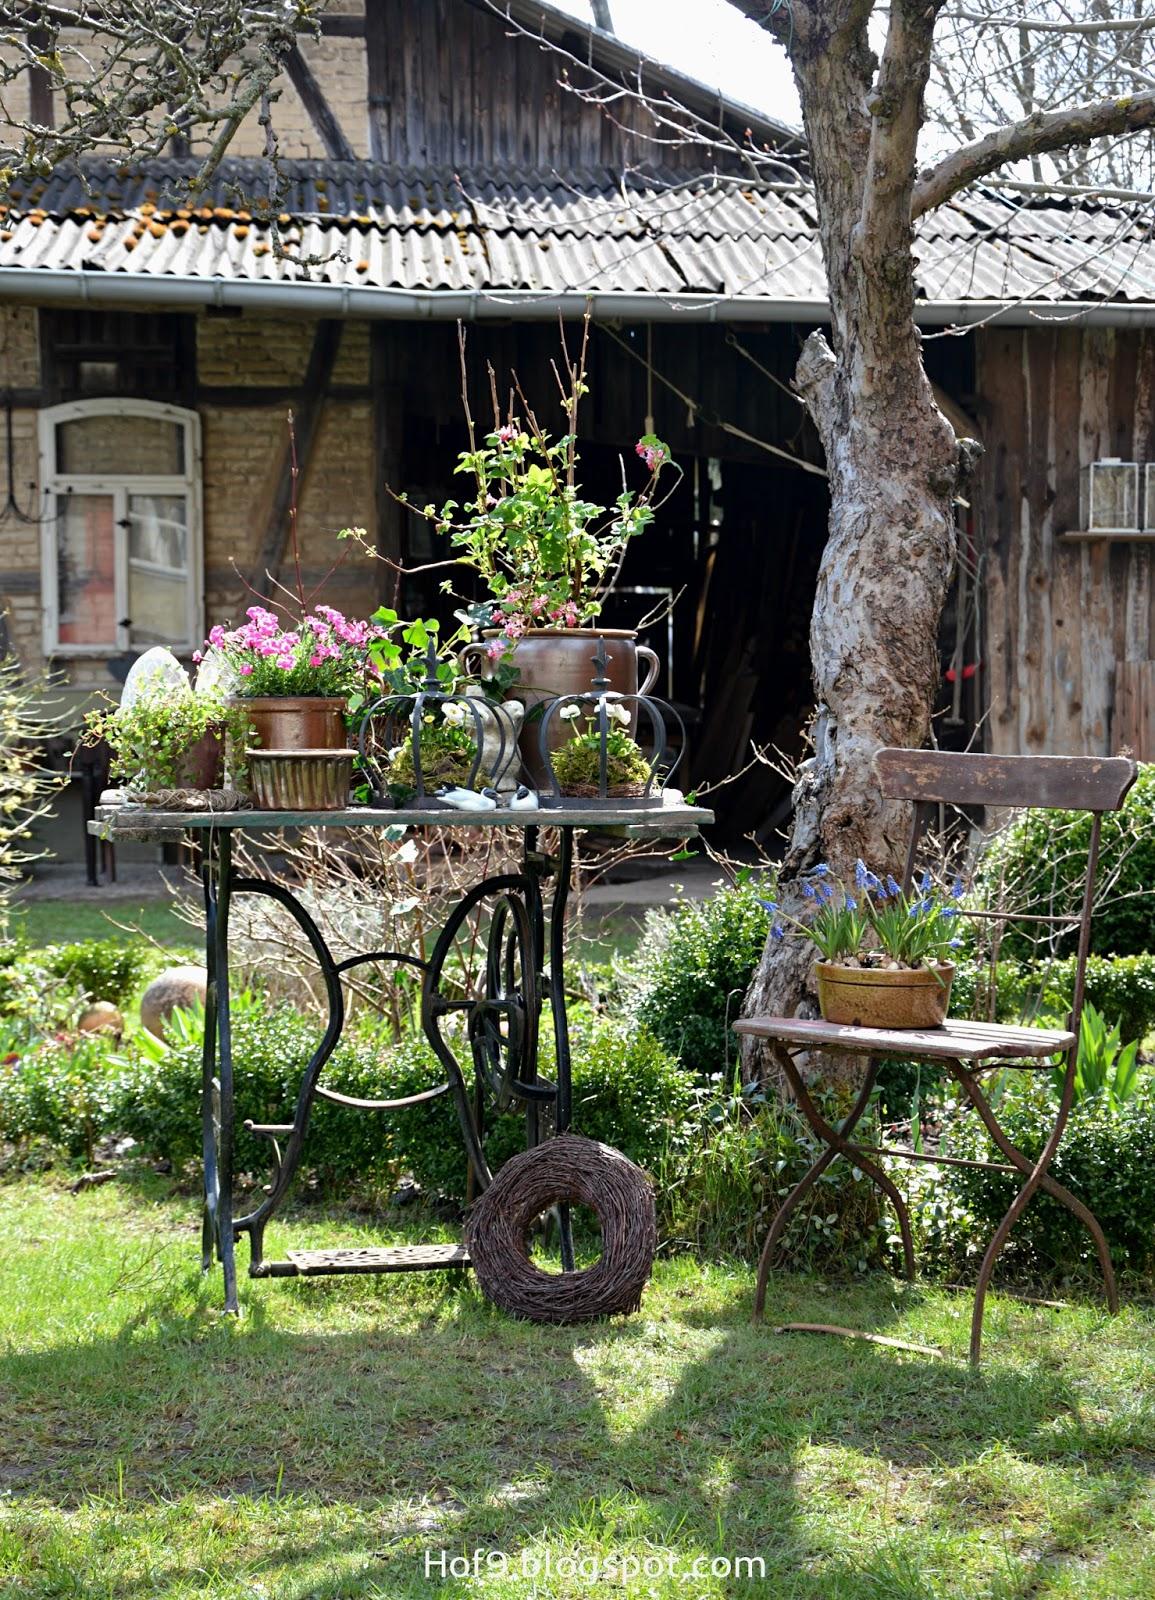 Hof 9 rosa fr hling im garten for Gartendekoration landhausstil